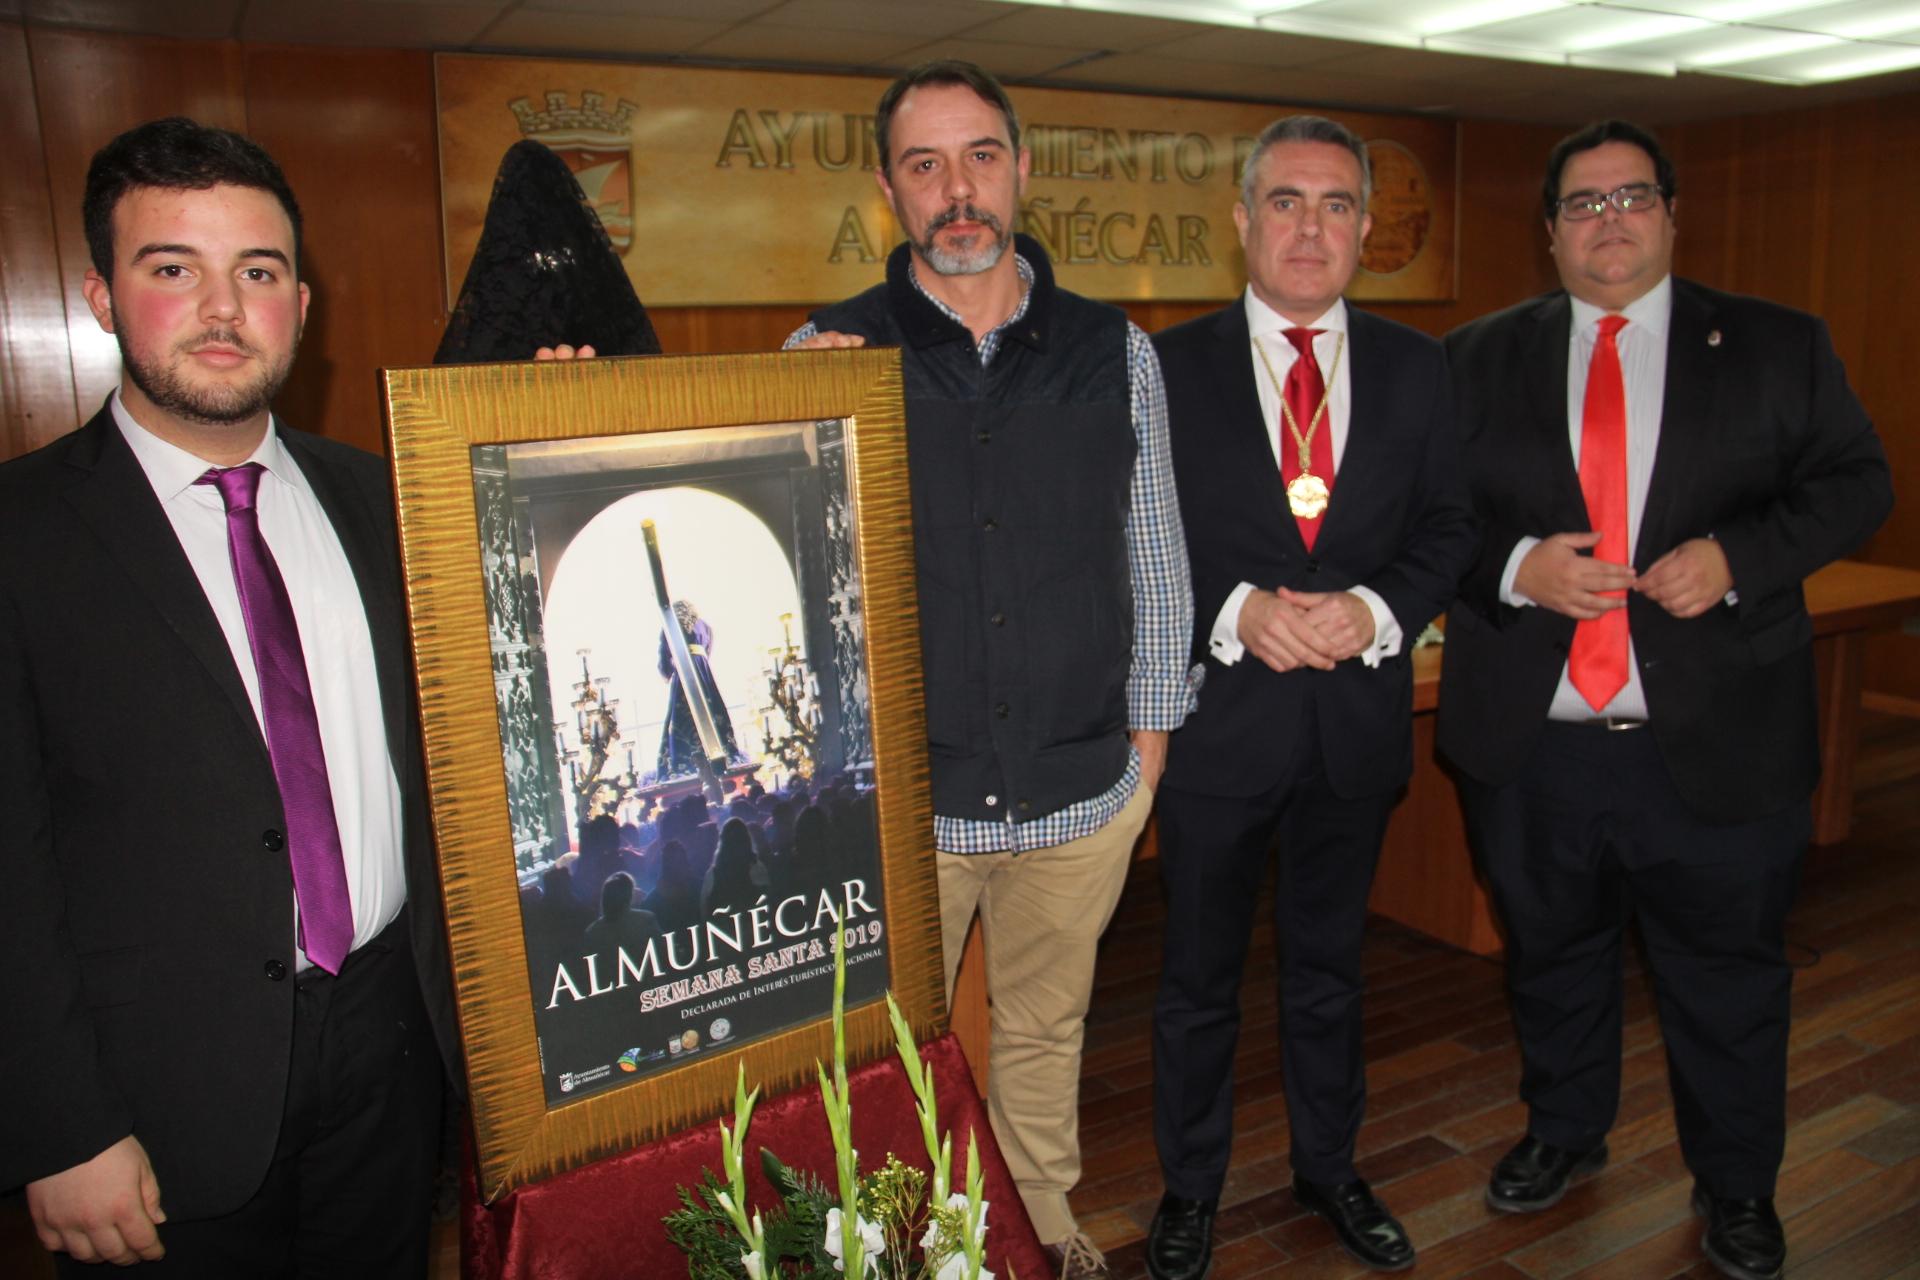 PRESENTADOR, AUTOR Y AUTORIDADES JUNTO AL CARTEL OFICIAL DE SEMANA SANTA DE ALMUÑÉCAR 2019